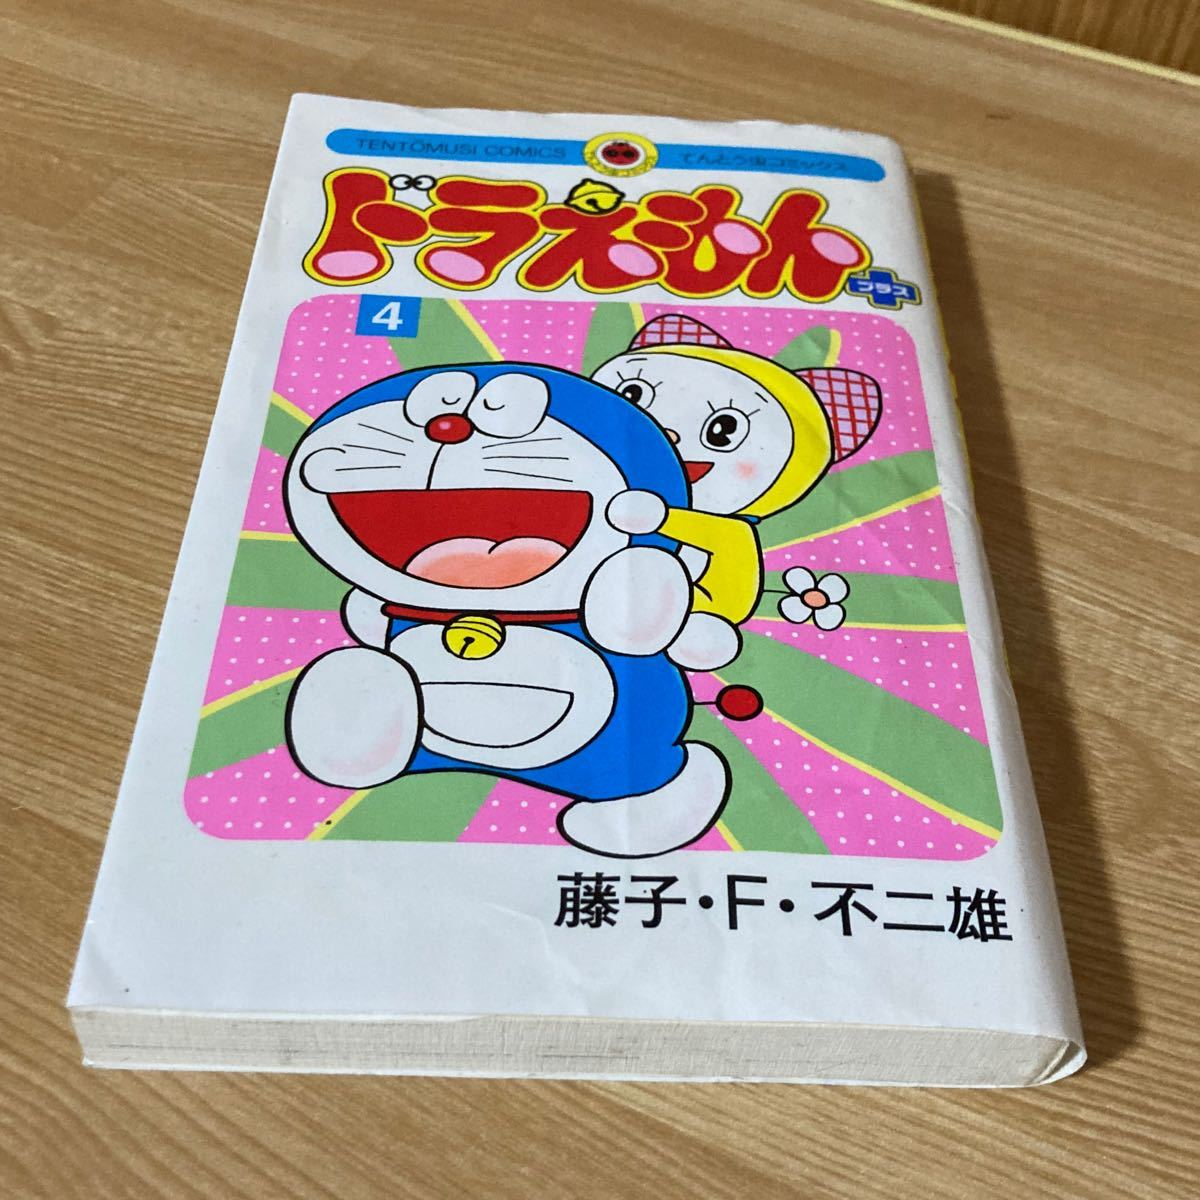 ドラえもん プラス 4巻 てんとう虫コミックス 藤子・F・不二雄 小学館 コロコロ  藤子不二雄